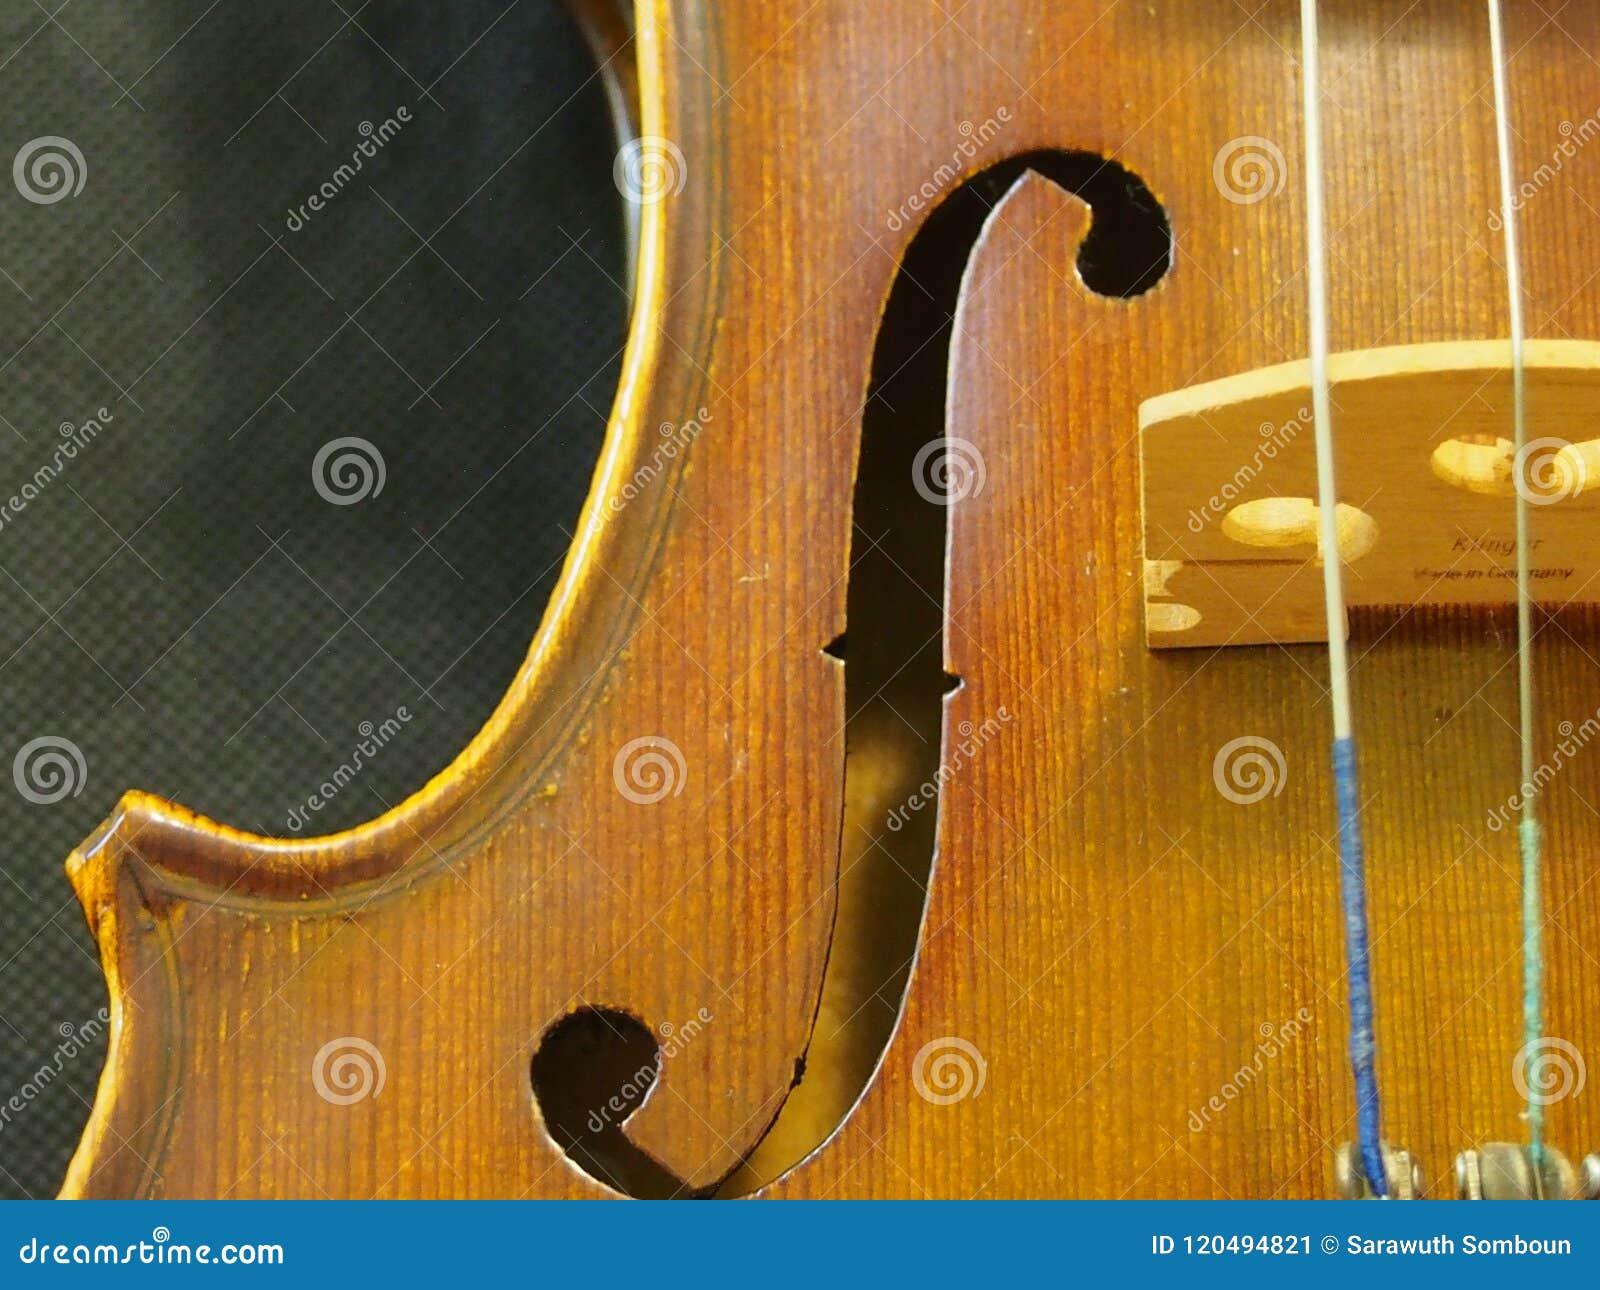 Мелодия и строка ядрового отверстия скрипки от скрипки 4/4 концерта воодушевляют